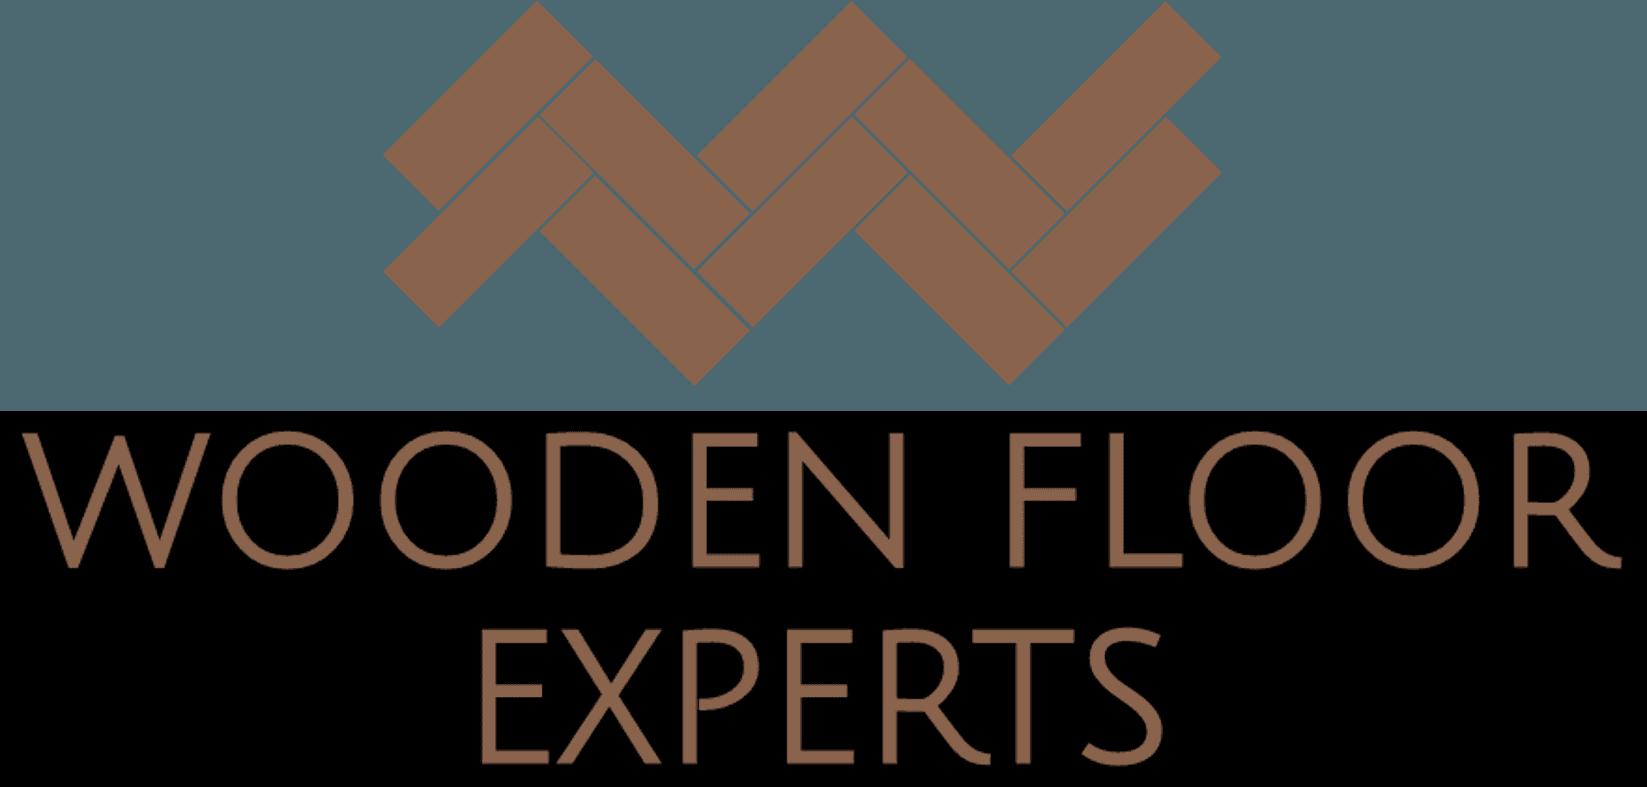 Contact Wooden Floor Experts Today